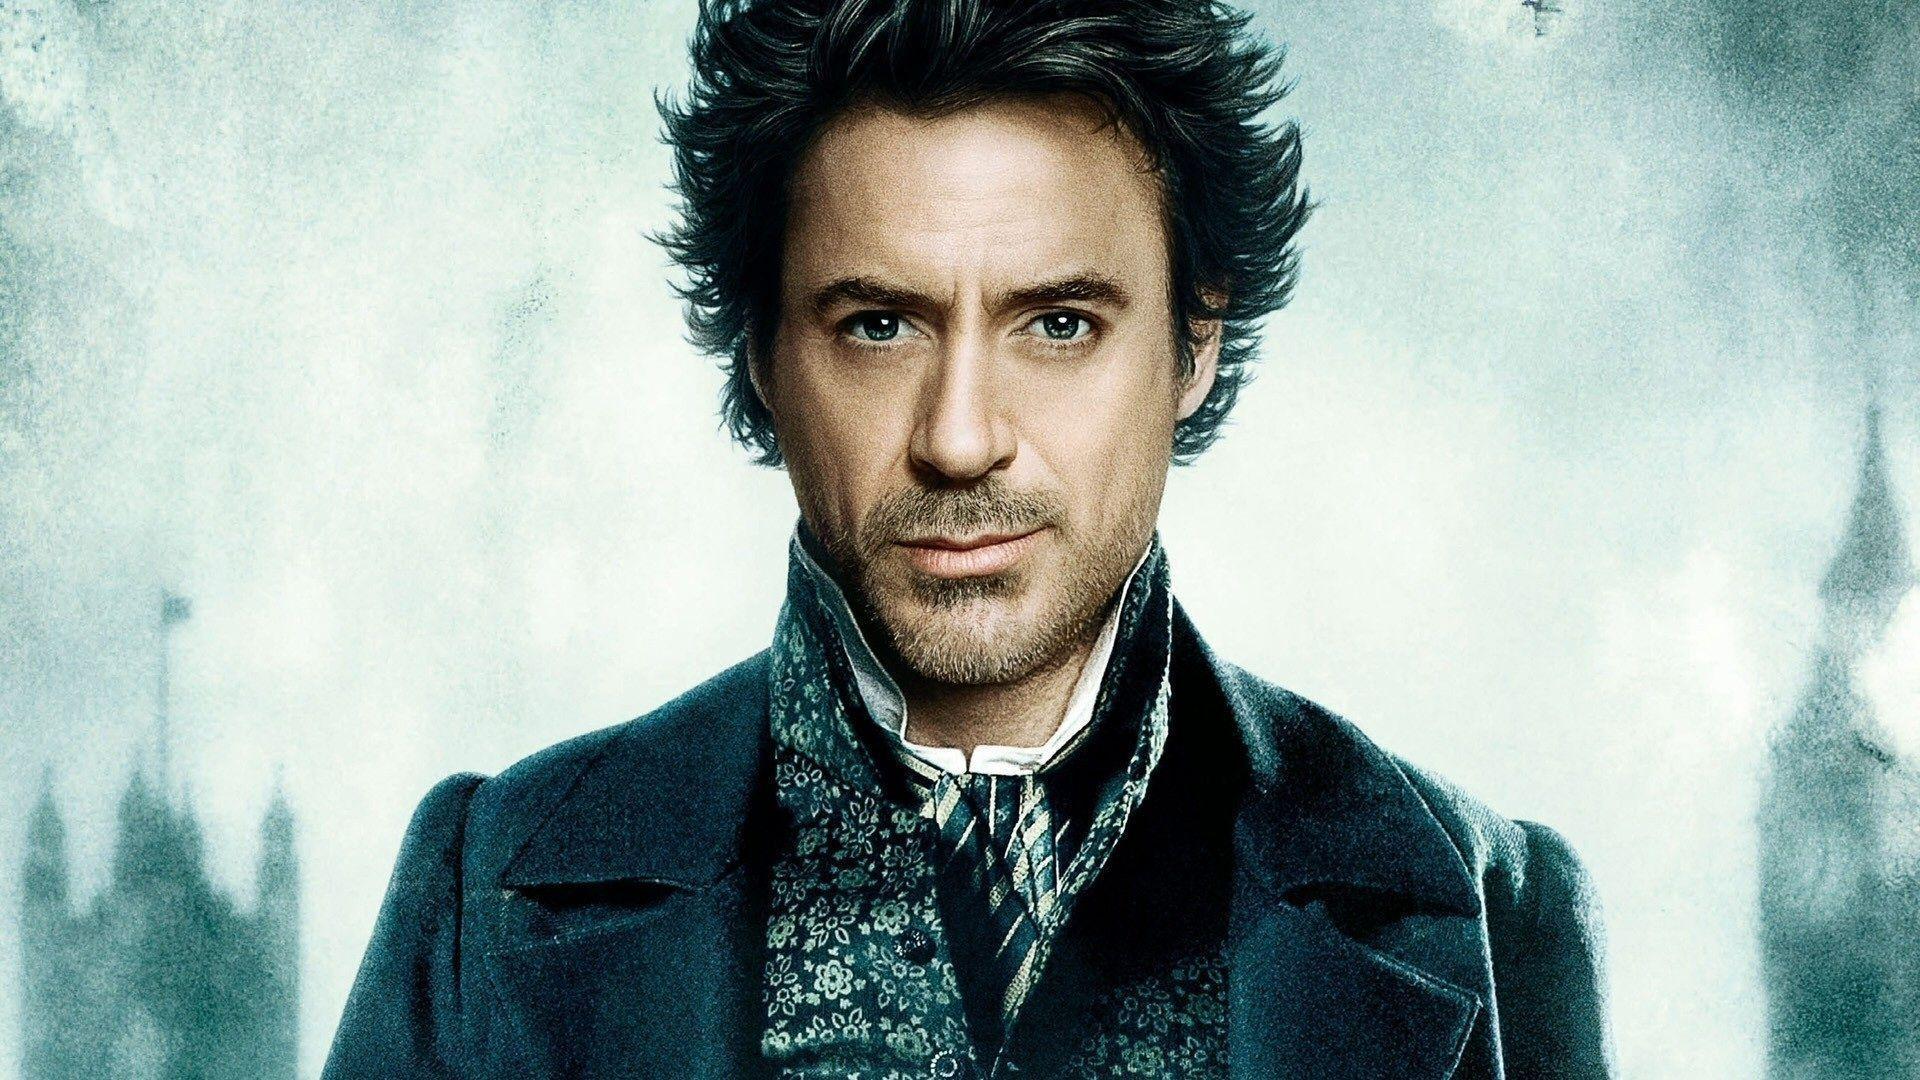 Robert Downey Jr Sherl... Robert Downey Jr Facebook